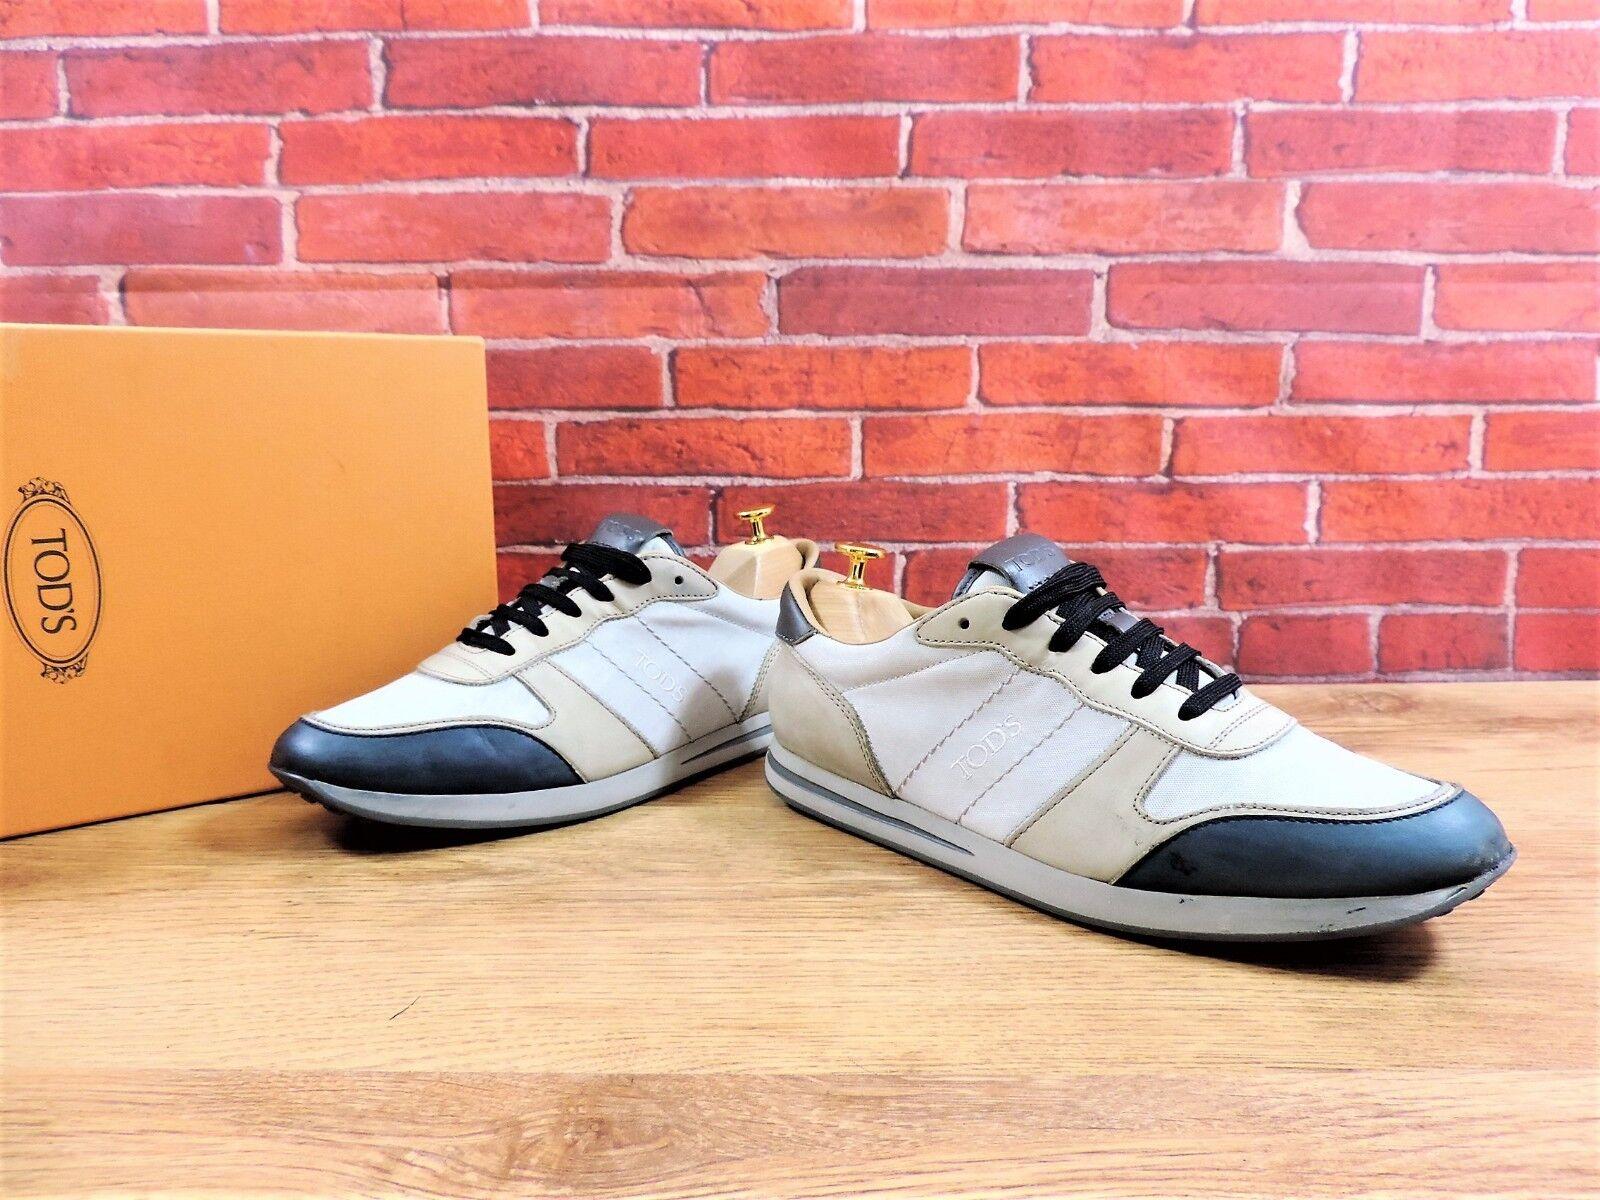 Tods Sportivo shoes da Ginnastica UK 7.5 Us 8.5 Eu 41.5 Beige